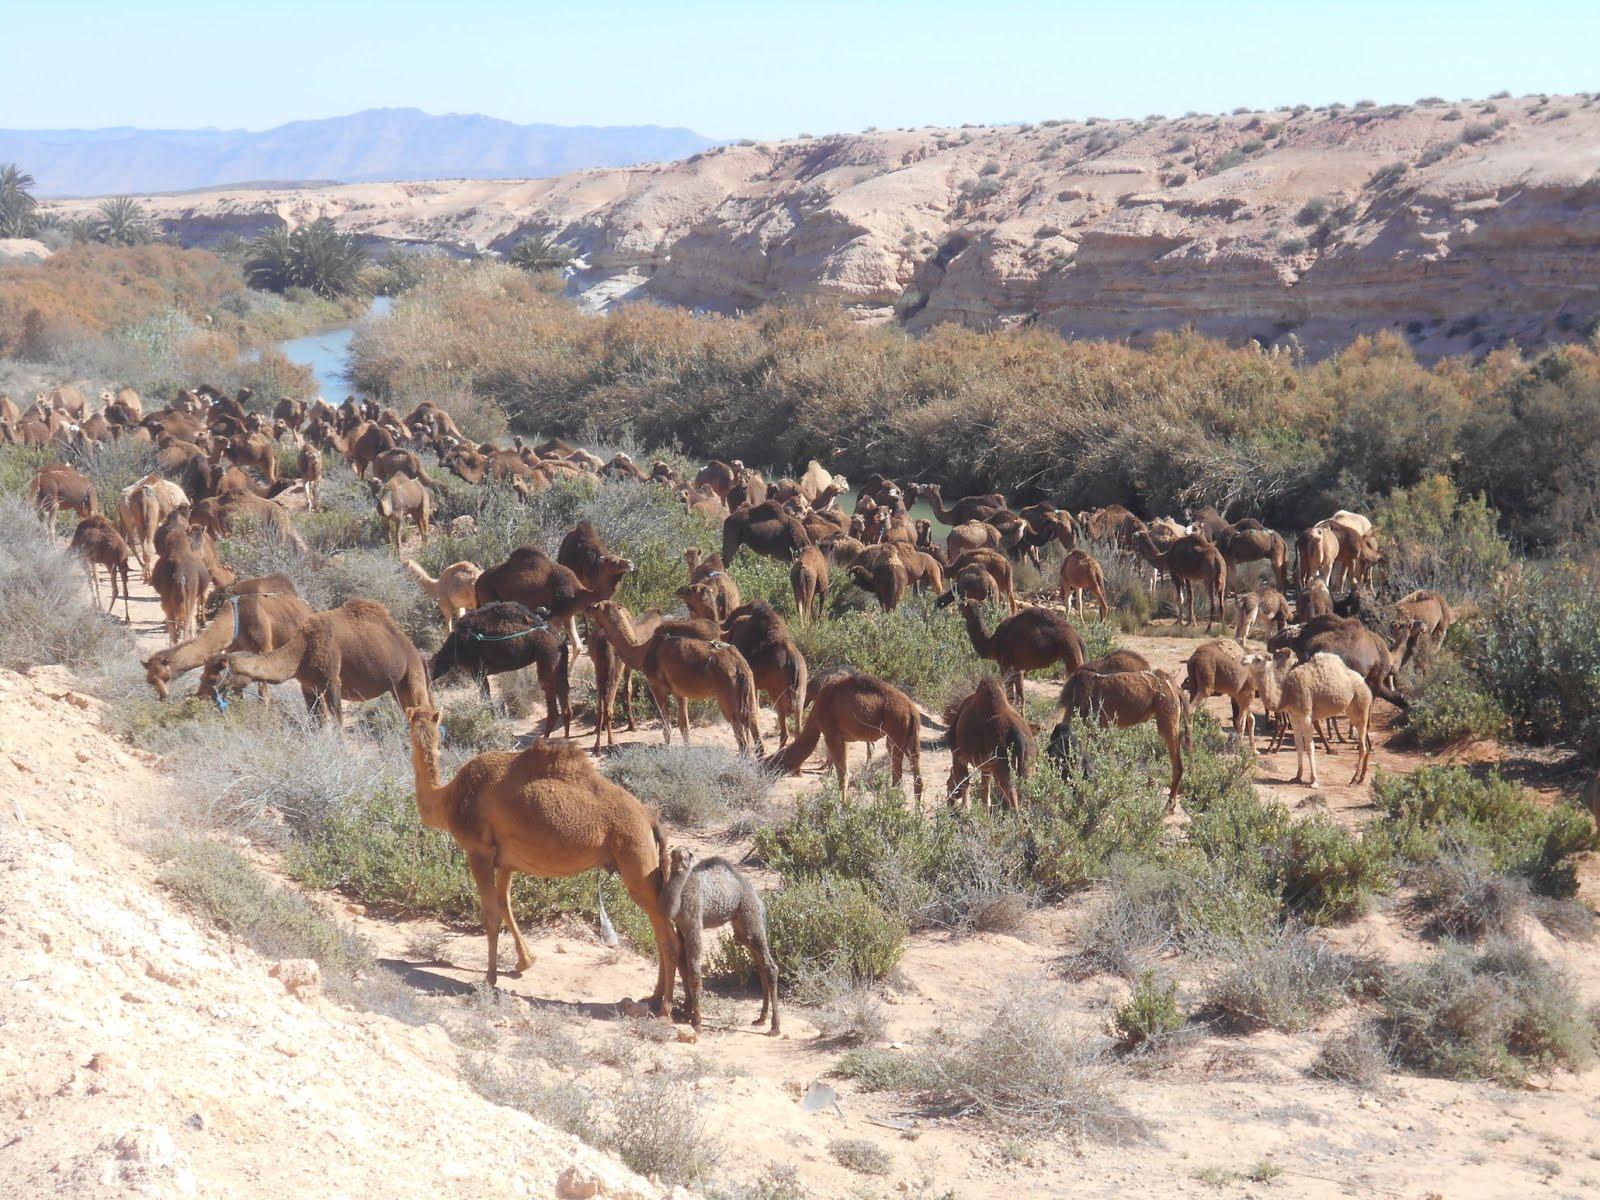 Dromedarissen in de Marokkaanse woestijn